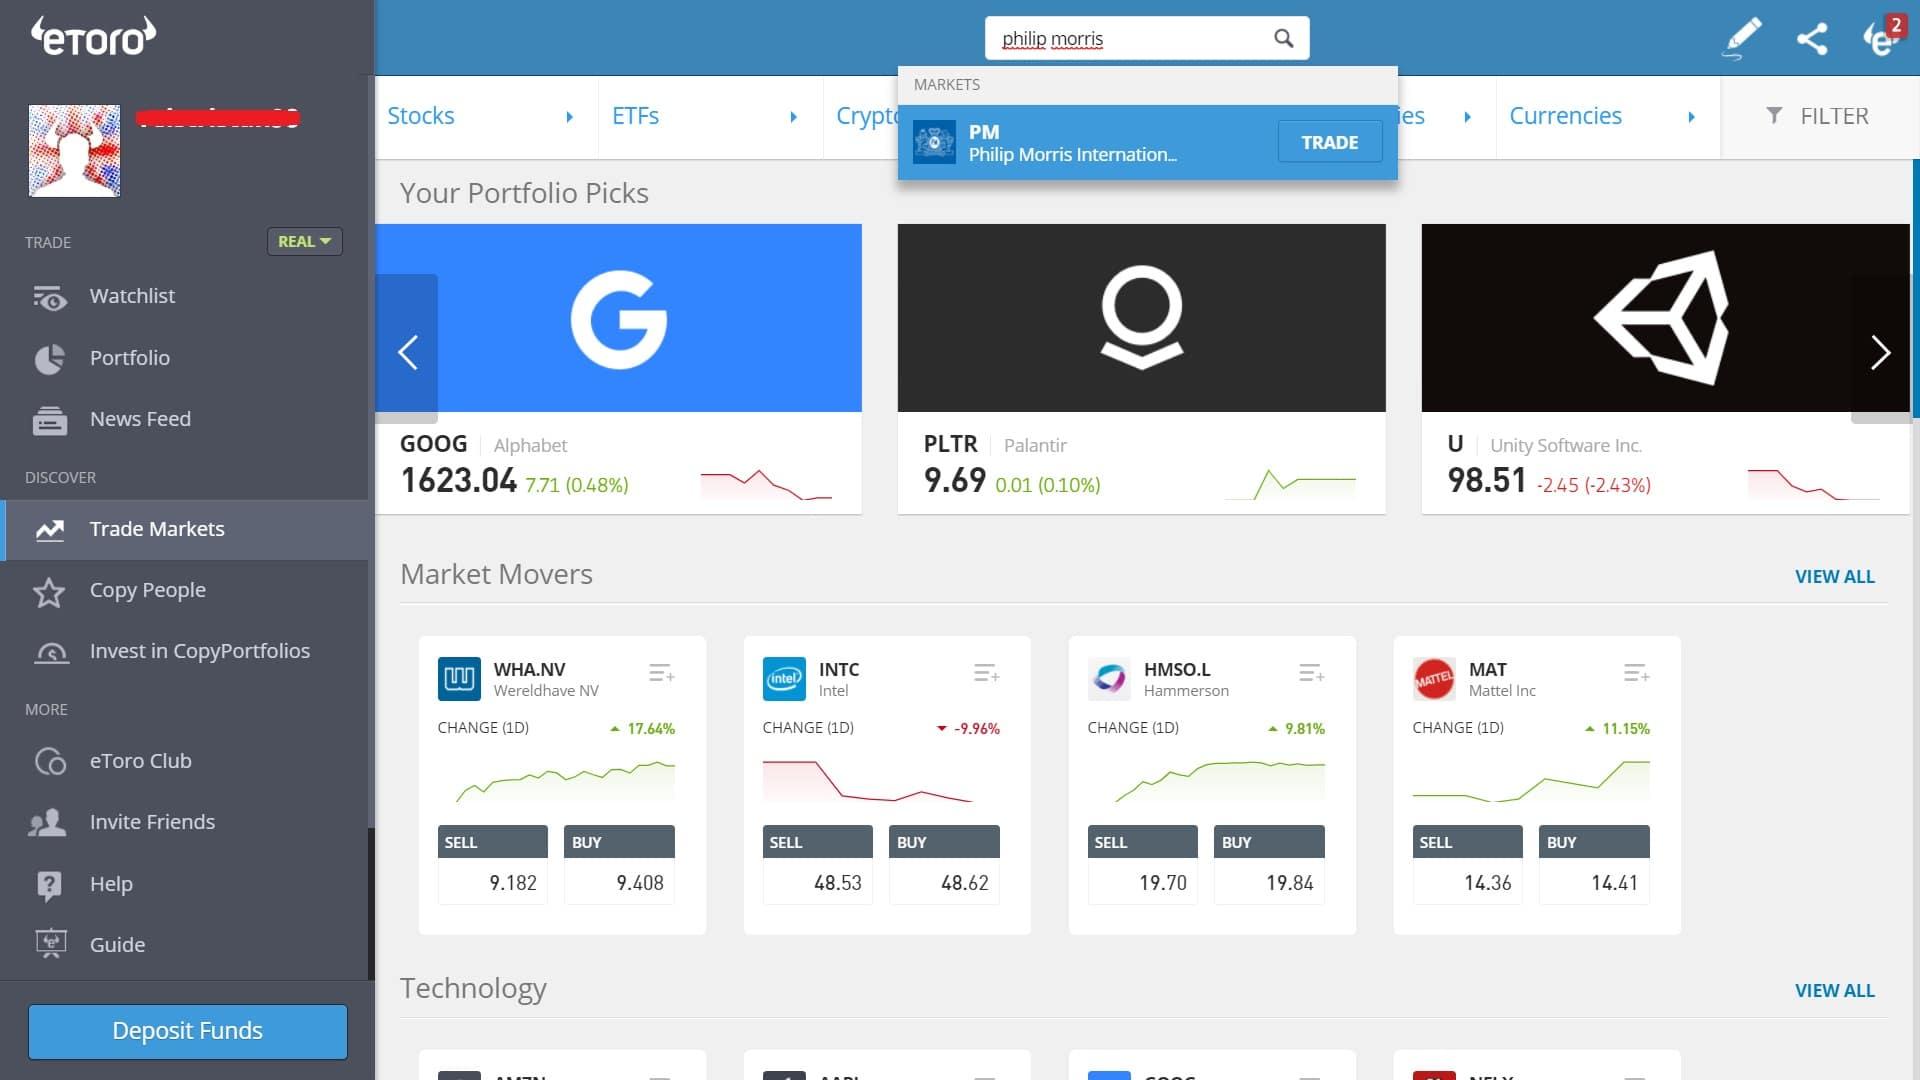 Searching for Philip Morris stock on eToro's platform